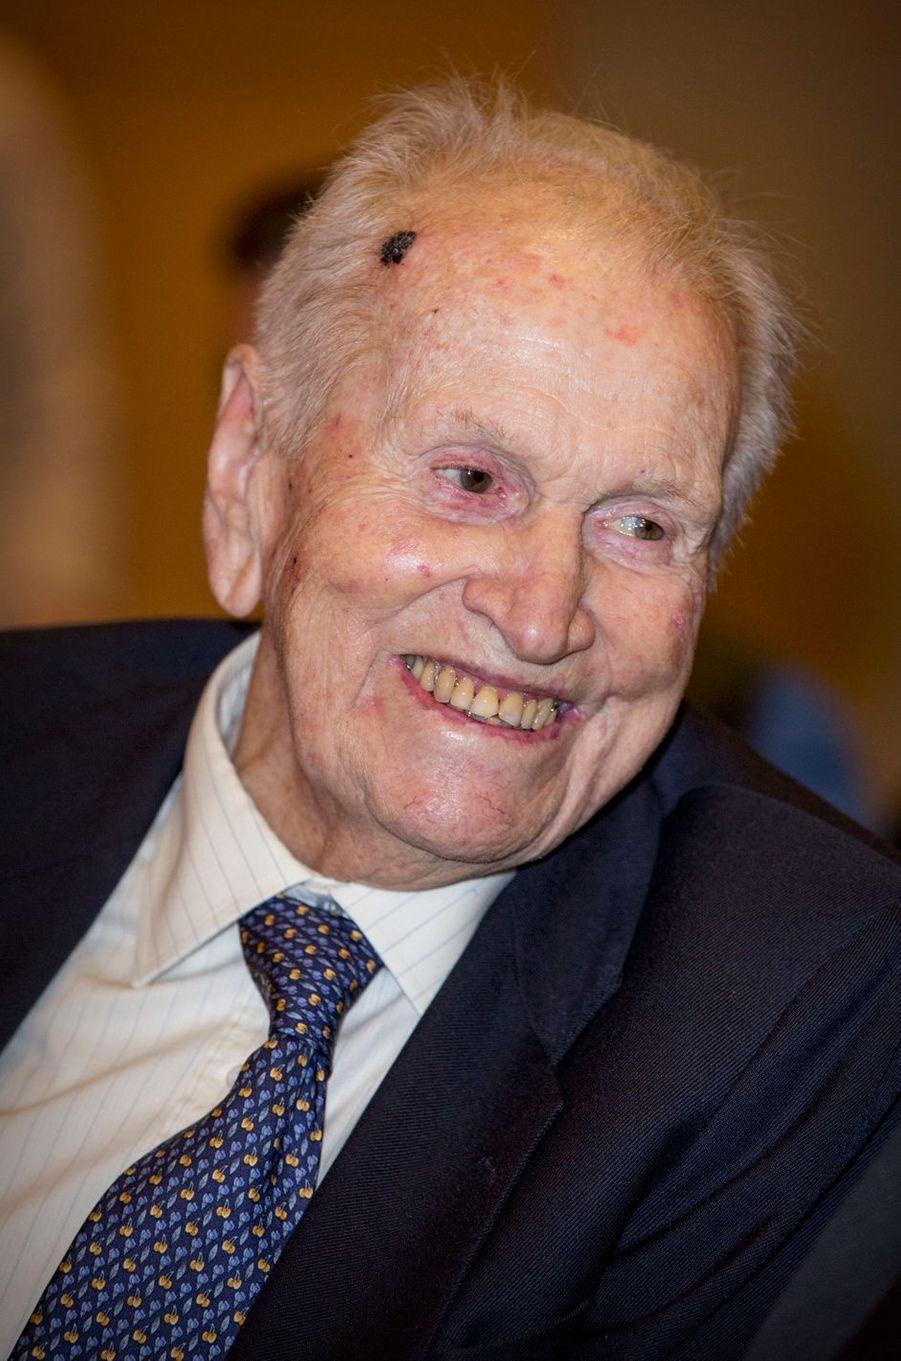 Jorge Zorreguieta, le père de la reine Maxima des Pays-Bas, à Buenos-Aires, le 11 octobre 2016